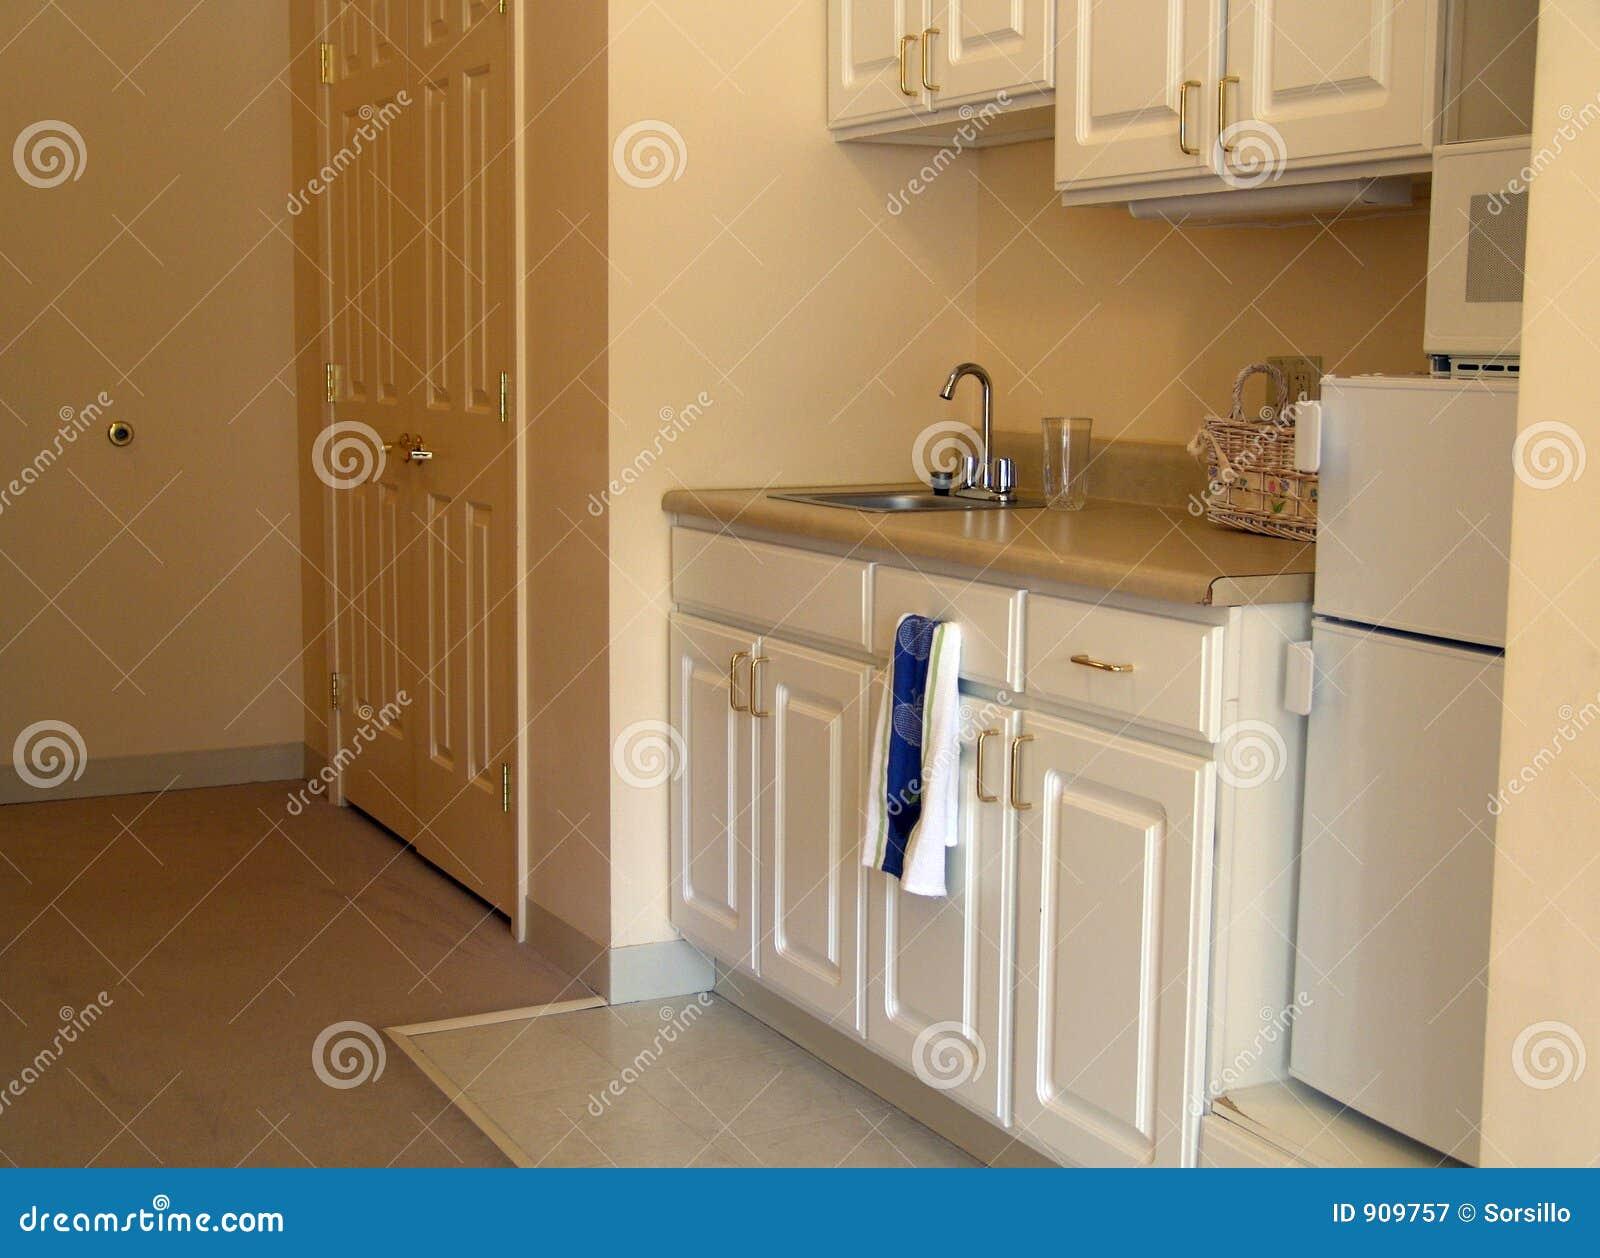 Kleine Küche In Der Wohnung Stockbild - Bild von kühlraum ...